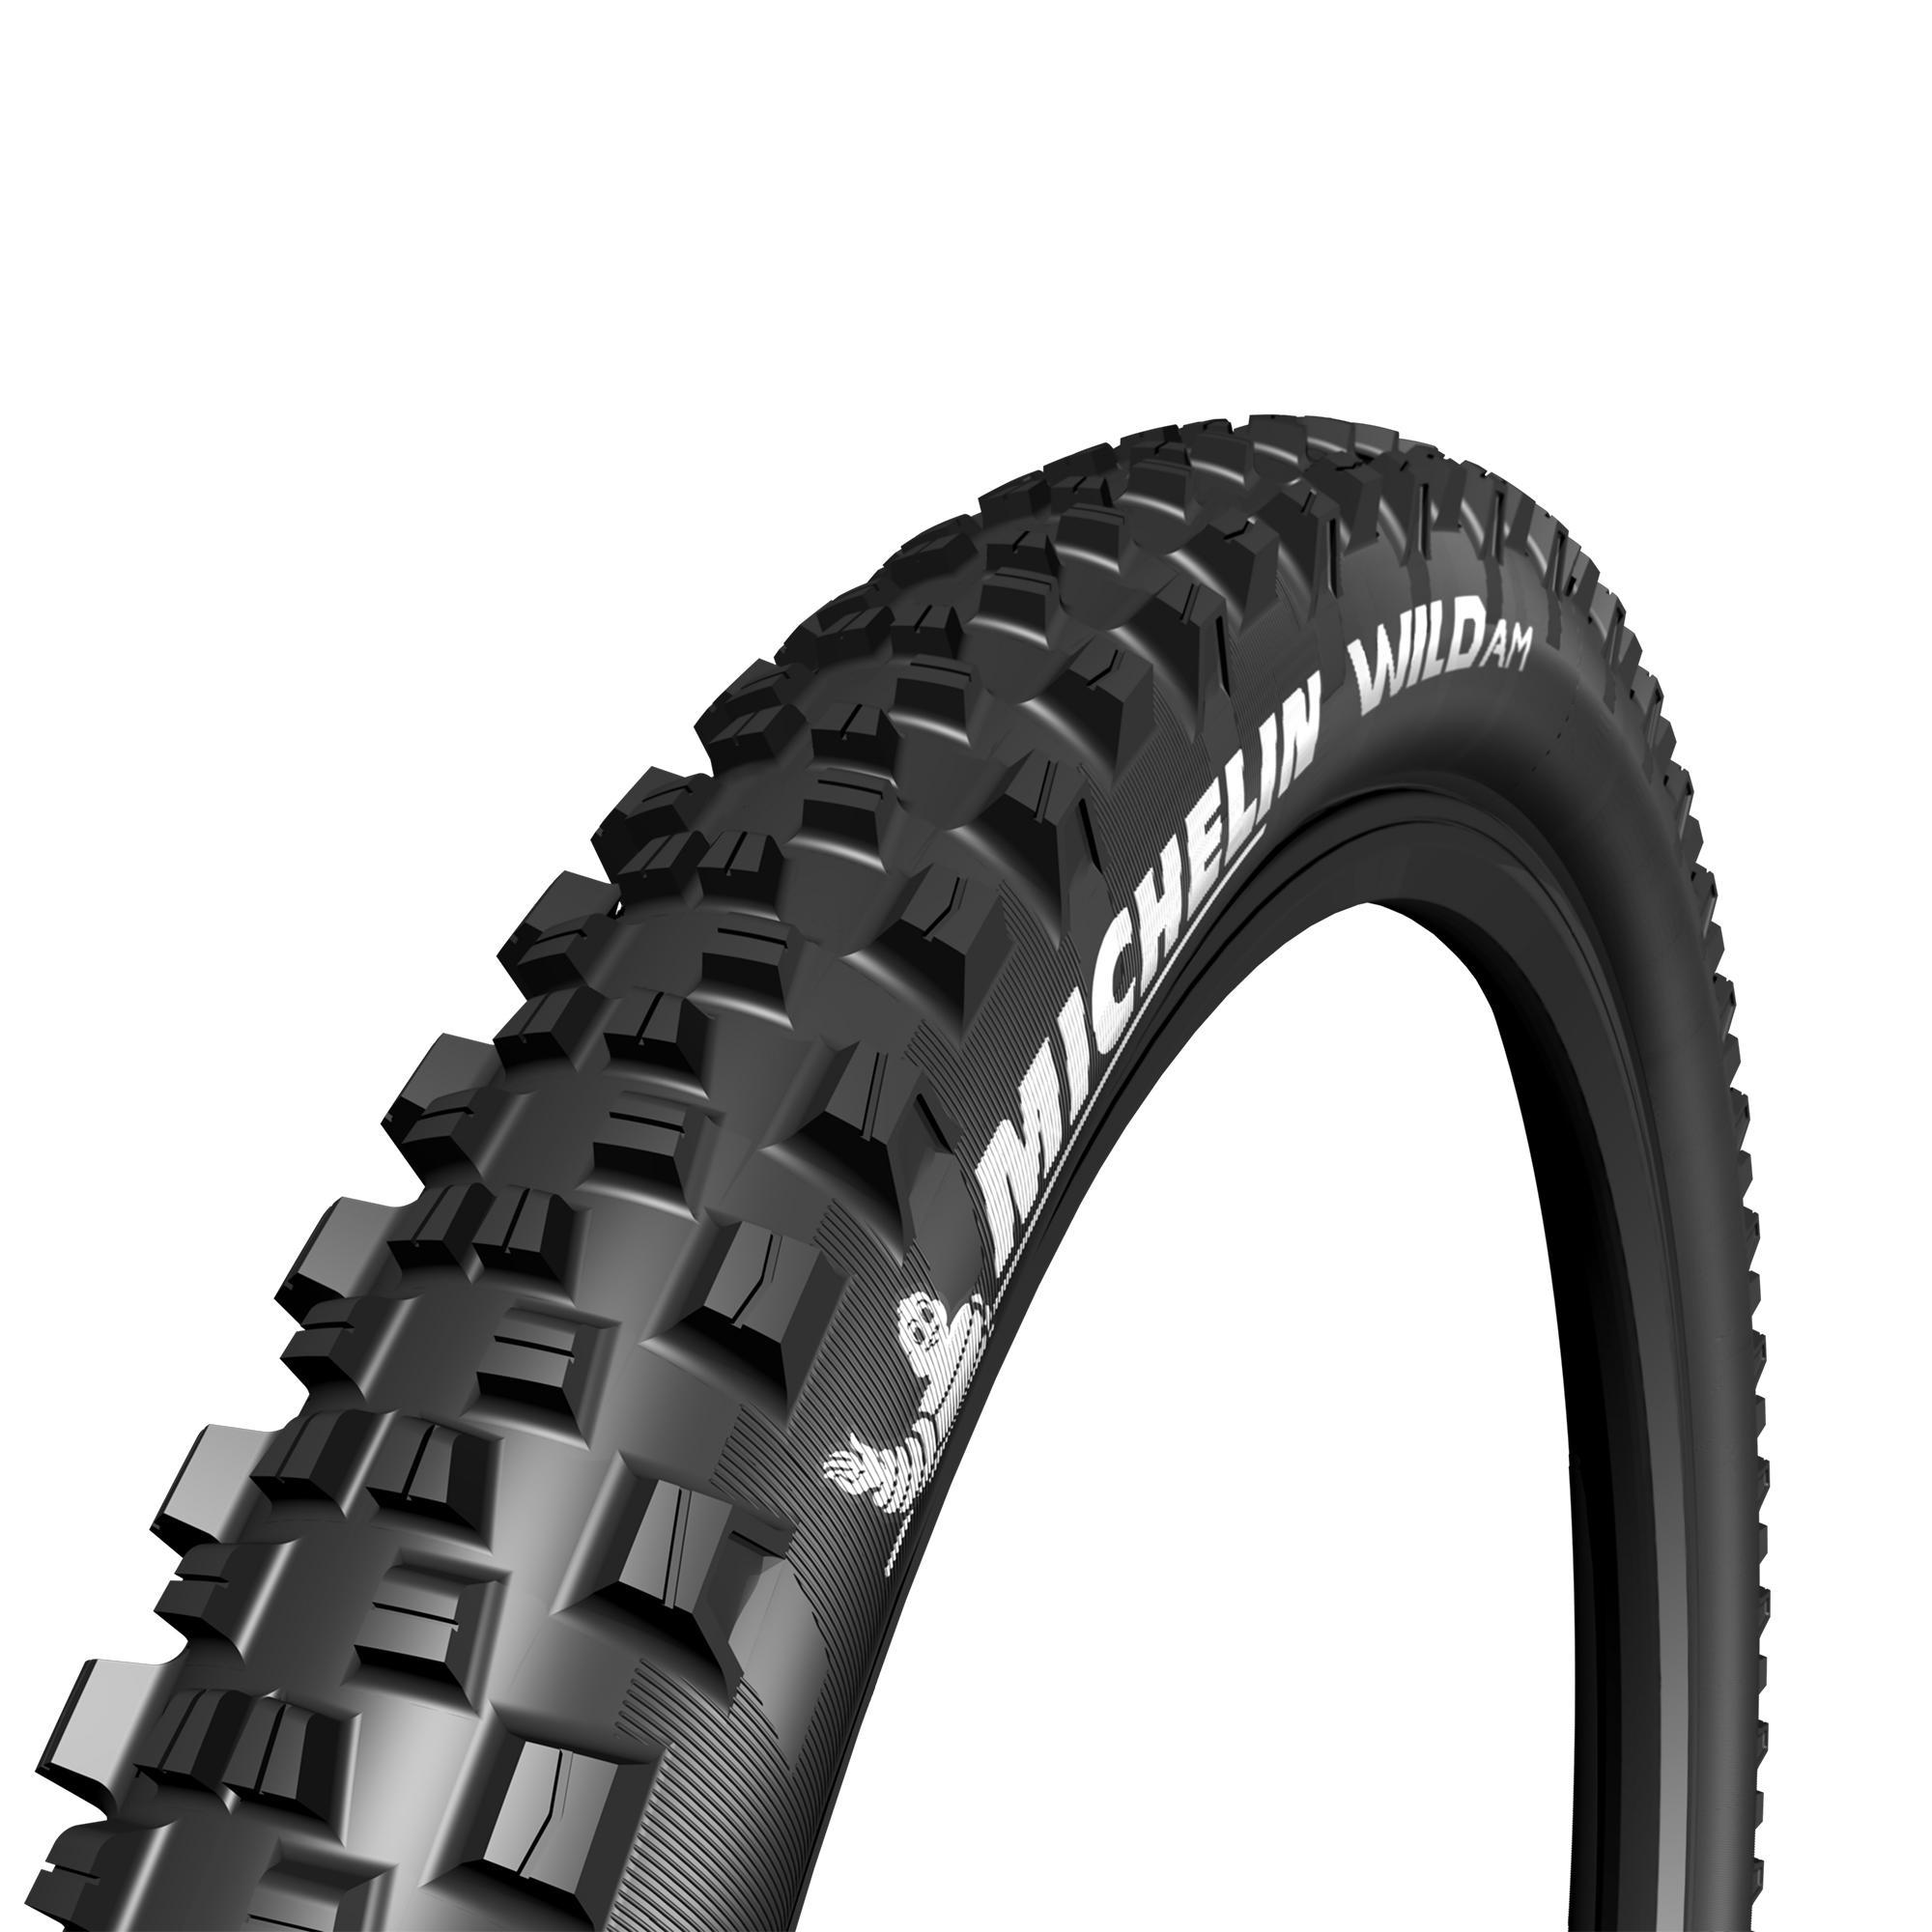 Michelin Copertone  WILD AM TS 27,5X2,6